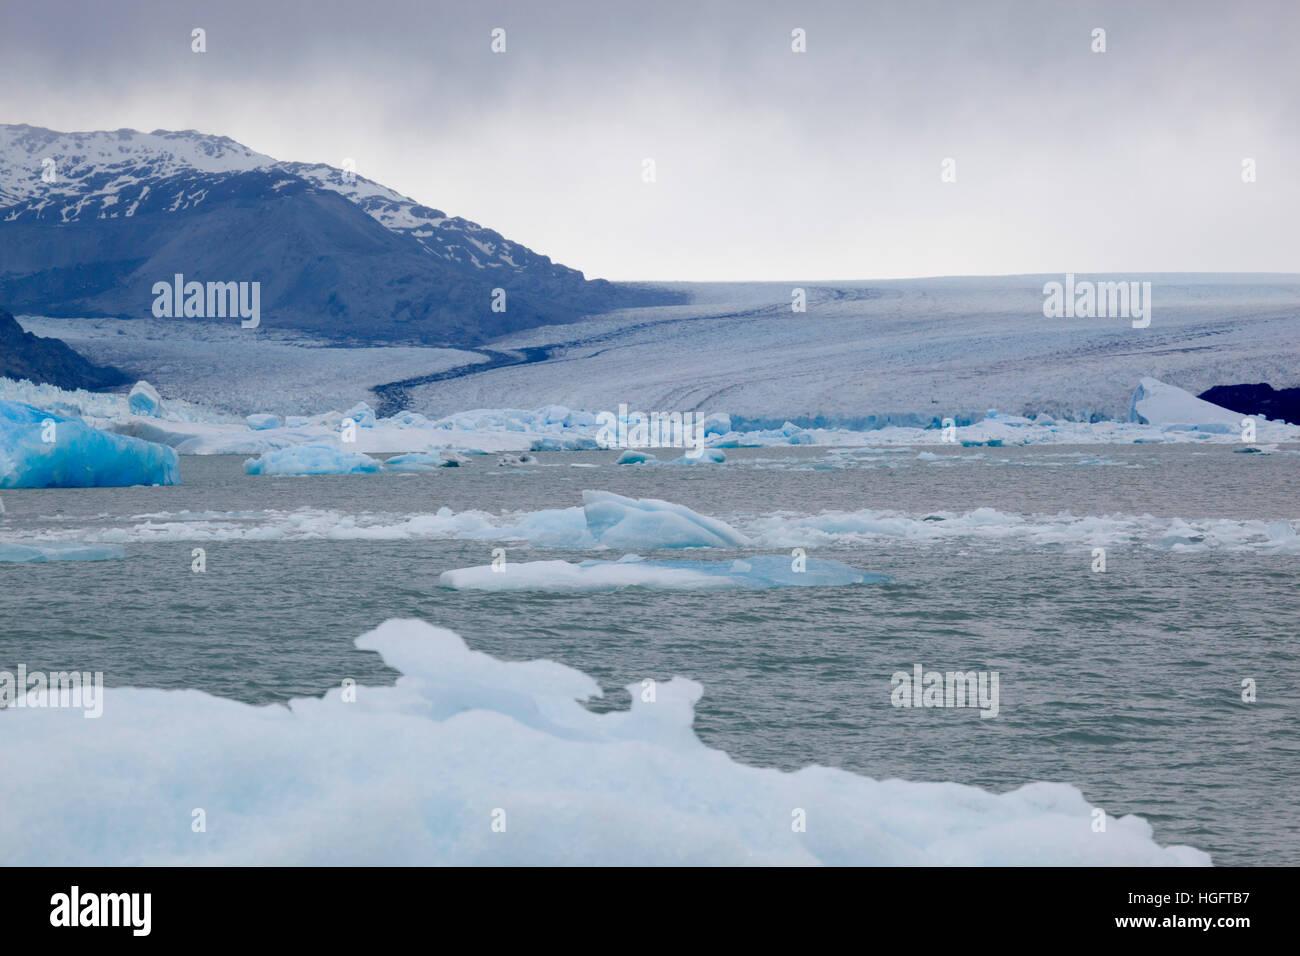 Upsala Gletscher und Eisberge am Lago Argentino, El Calafate, Parque Nacional Los Glaciares, Patagonien, Argentinien, Stockbild